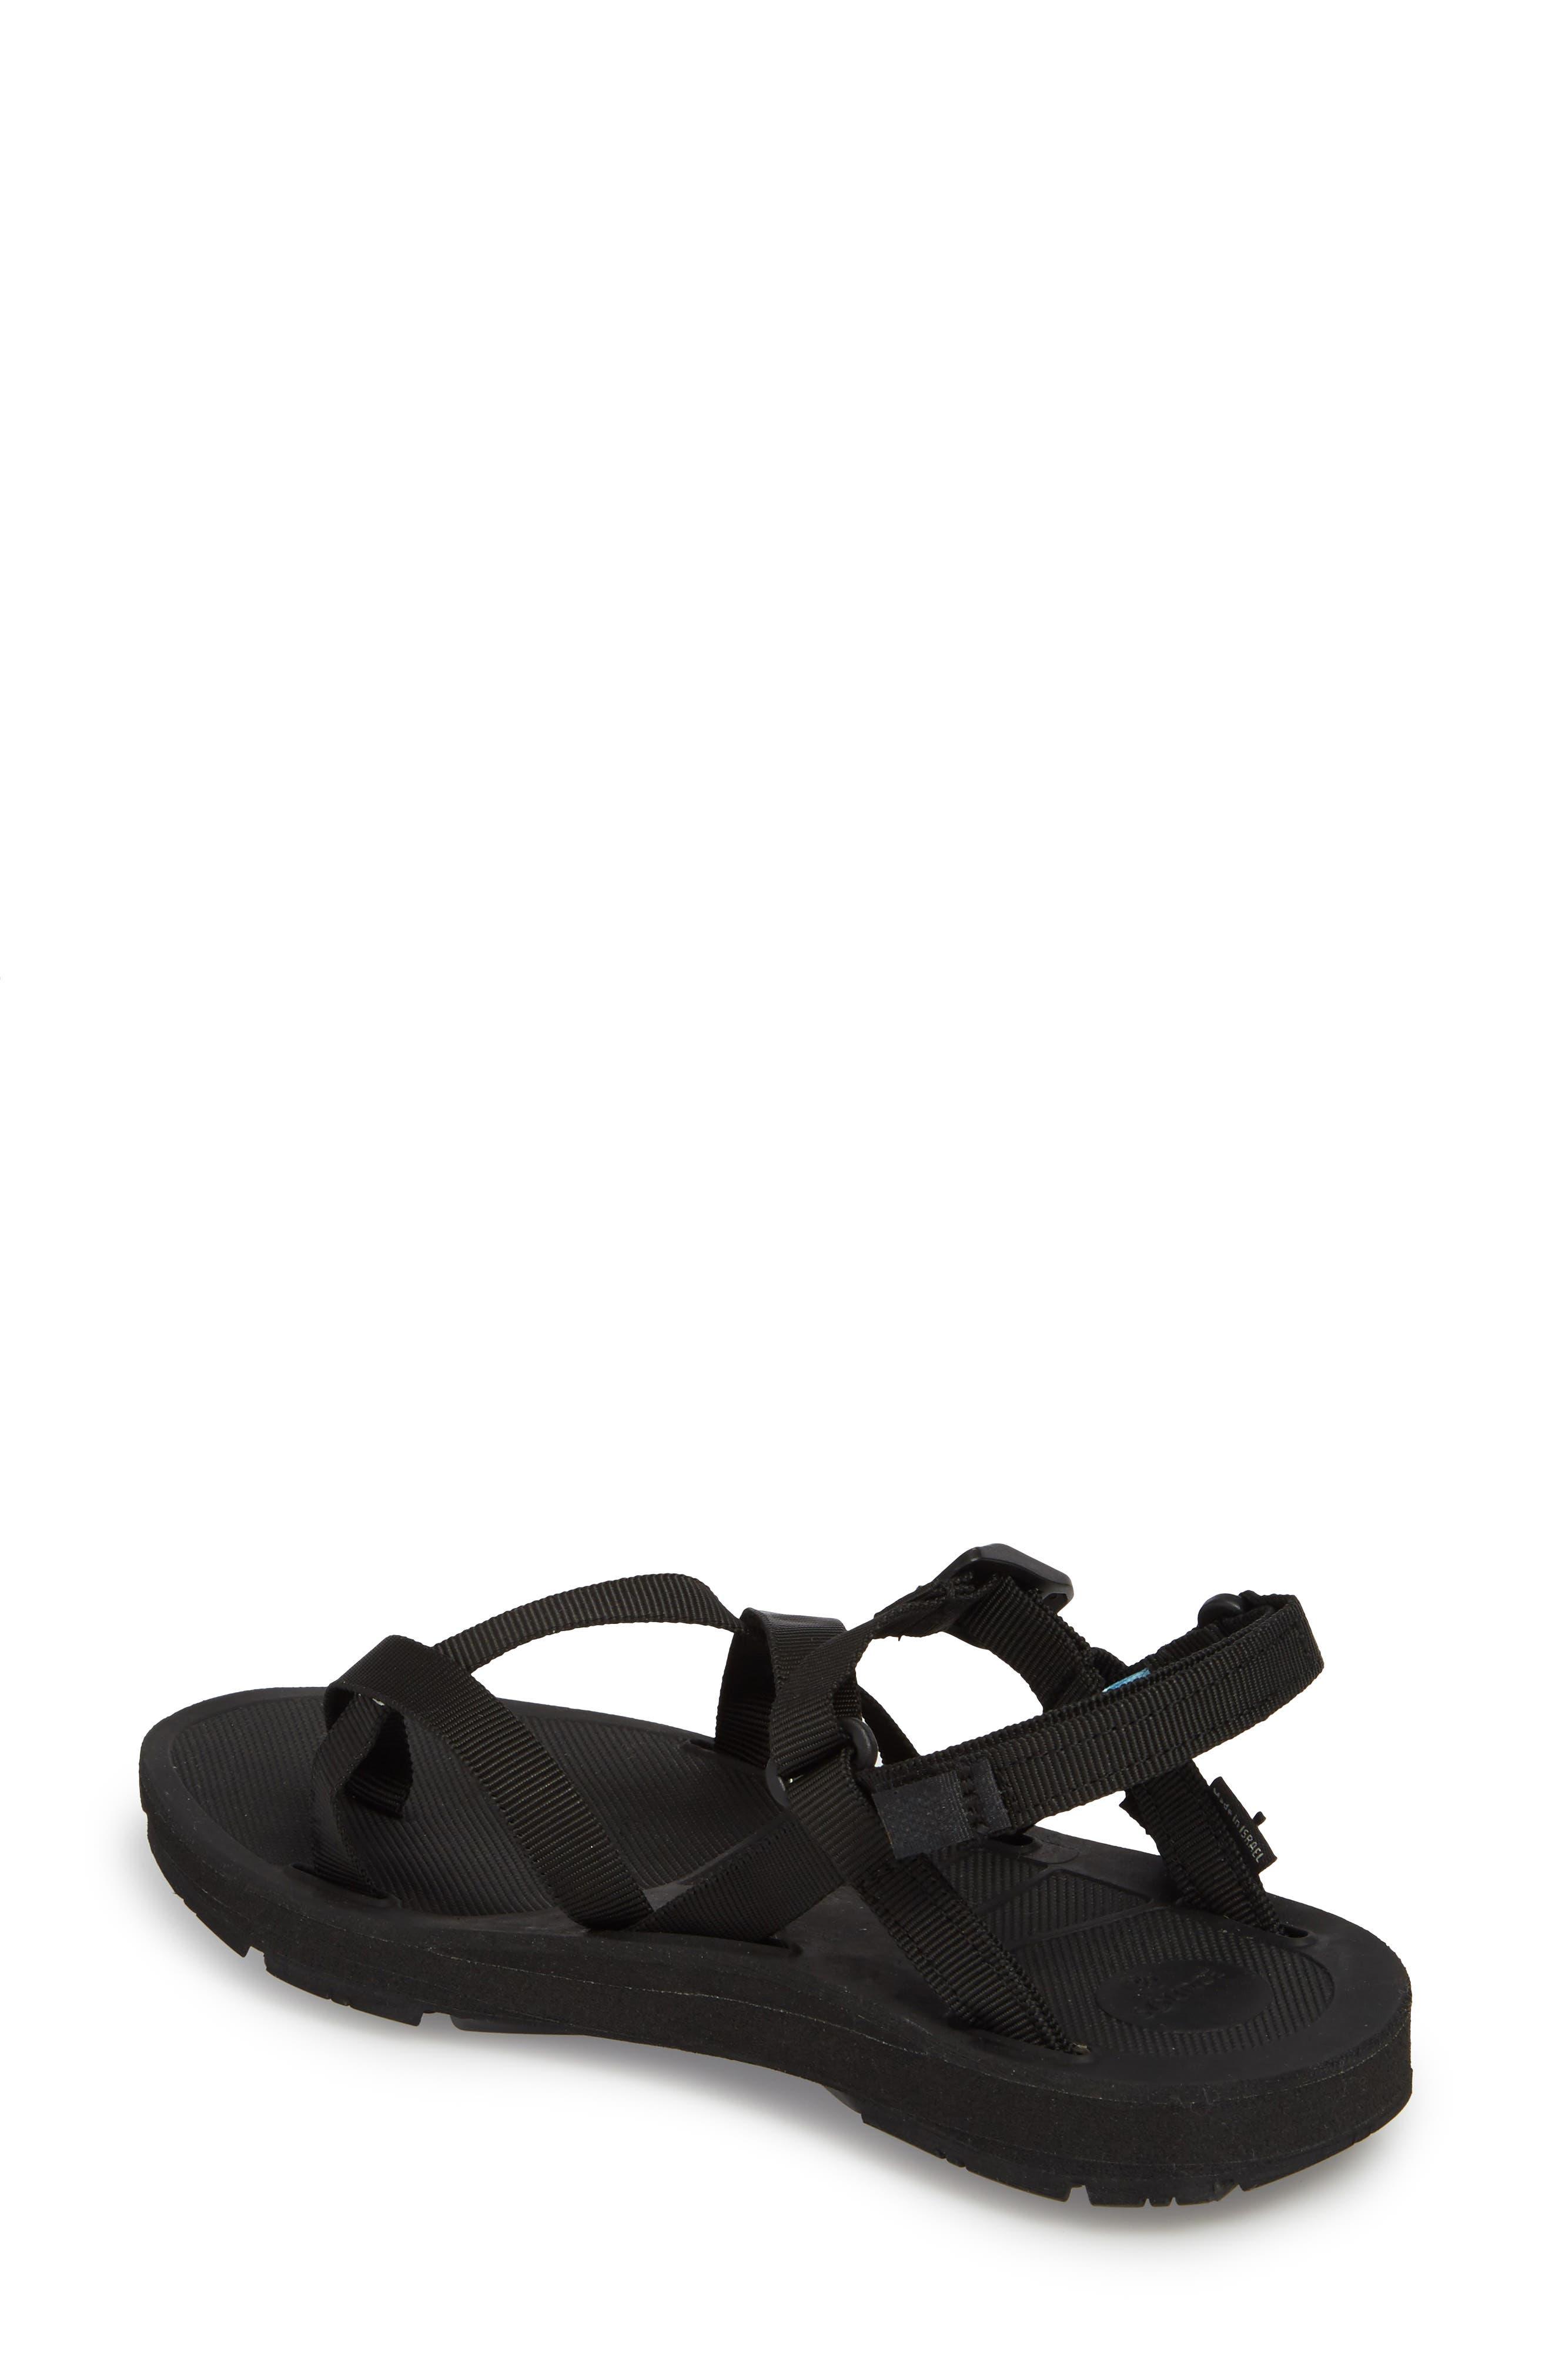 Shore Sandal,                             Alternate thumbnail 2, color,                             BLACK FABRIC